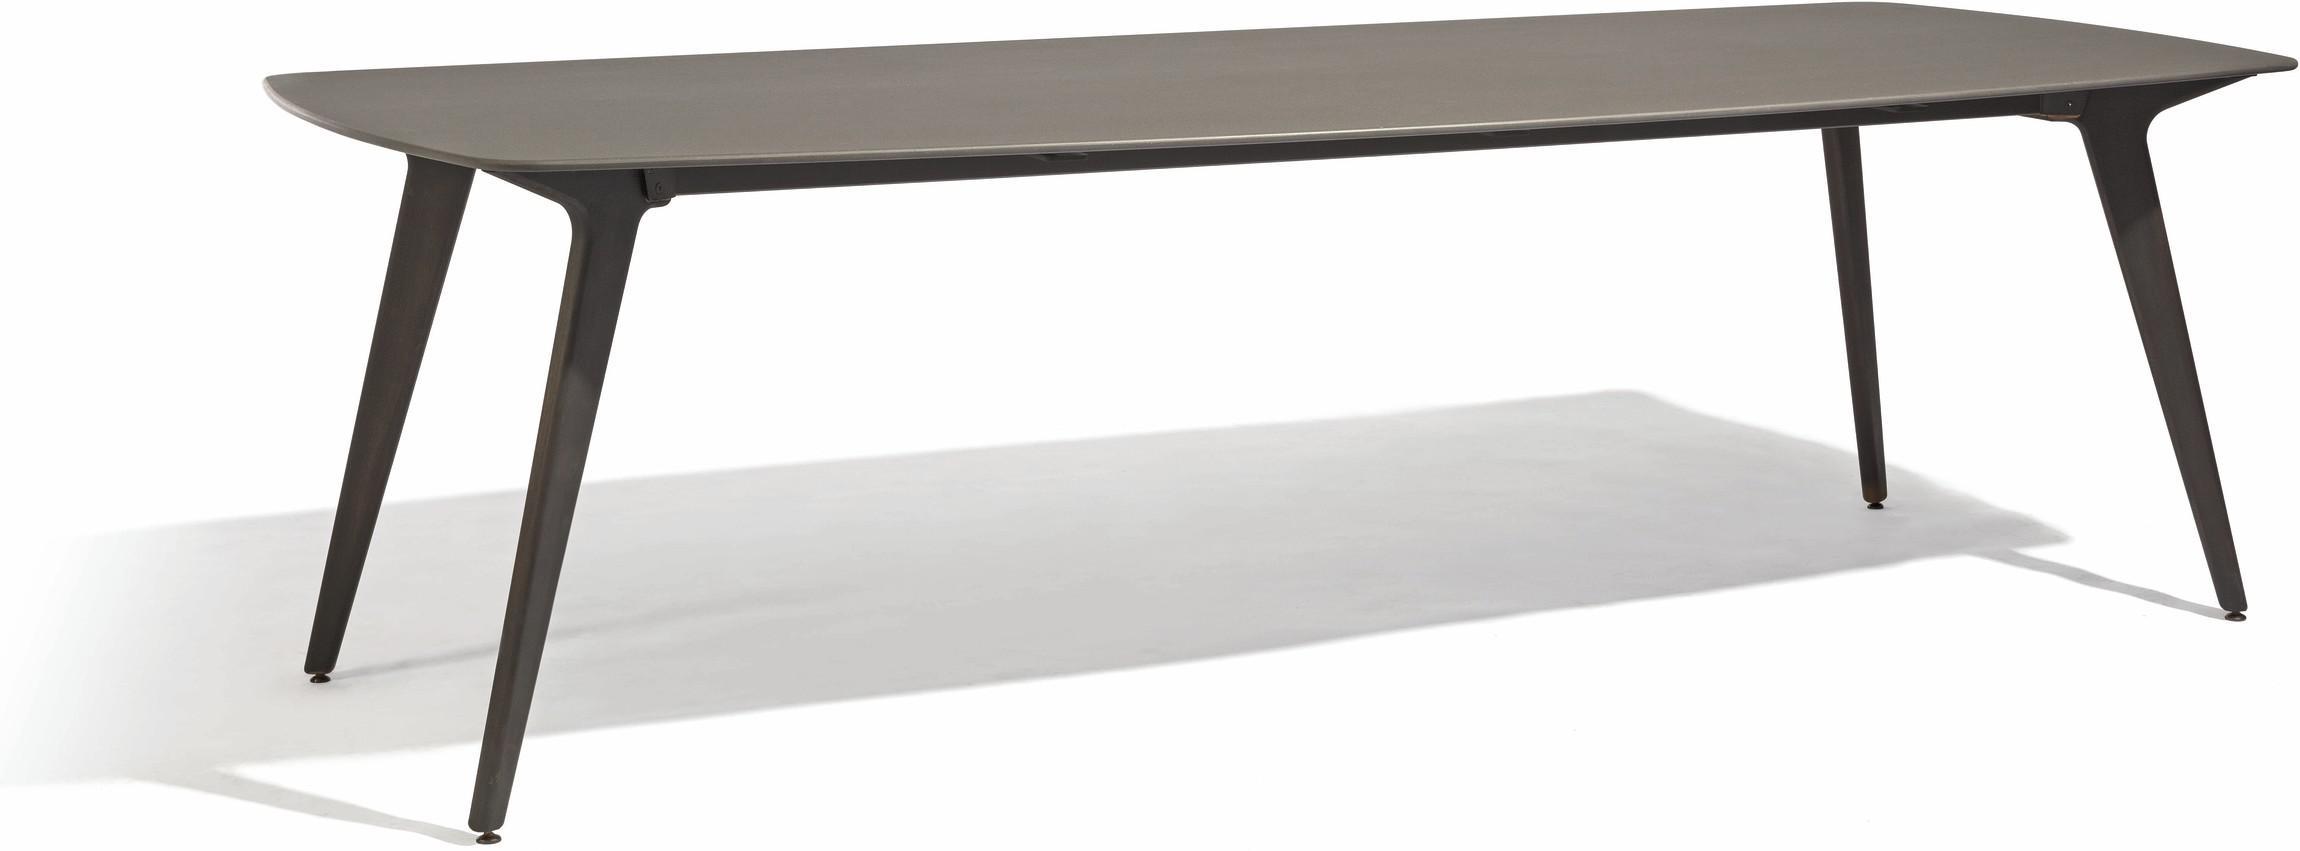 Torsa Mesa de comedor - Teca nero - CK 264